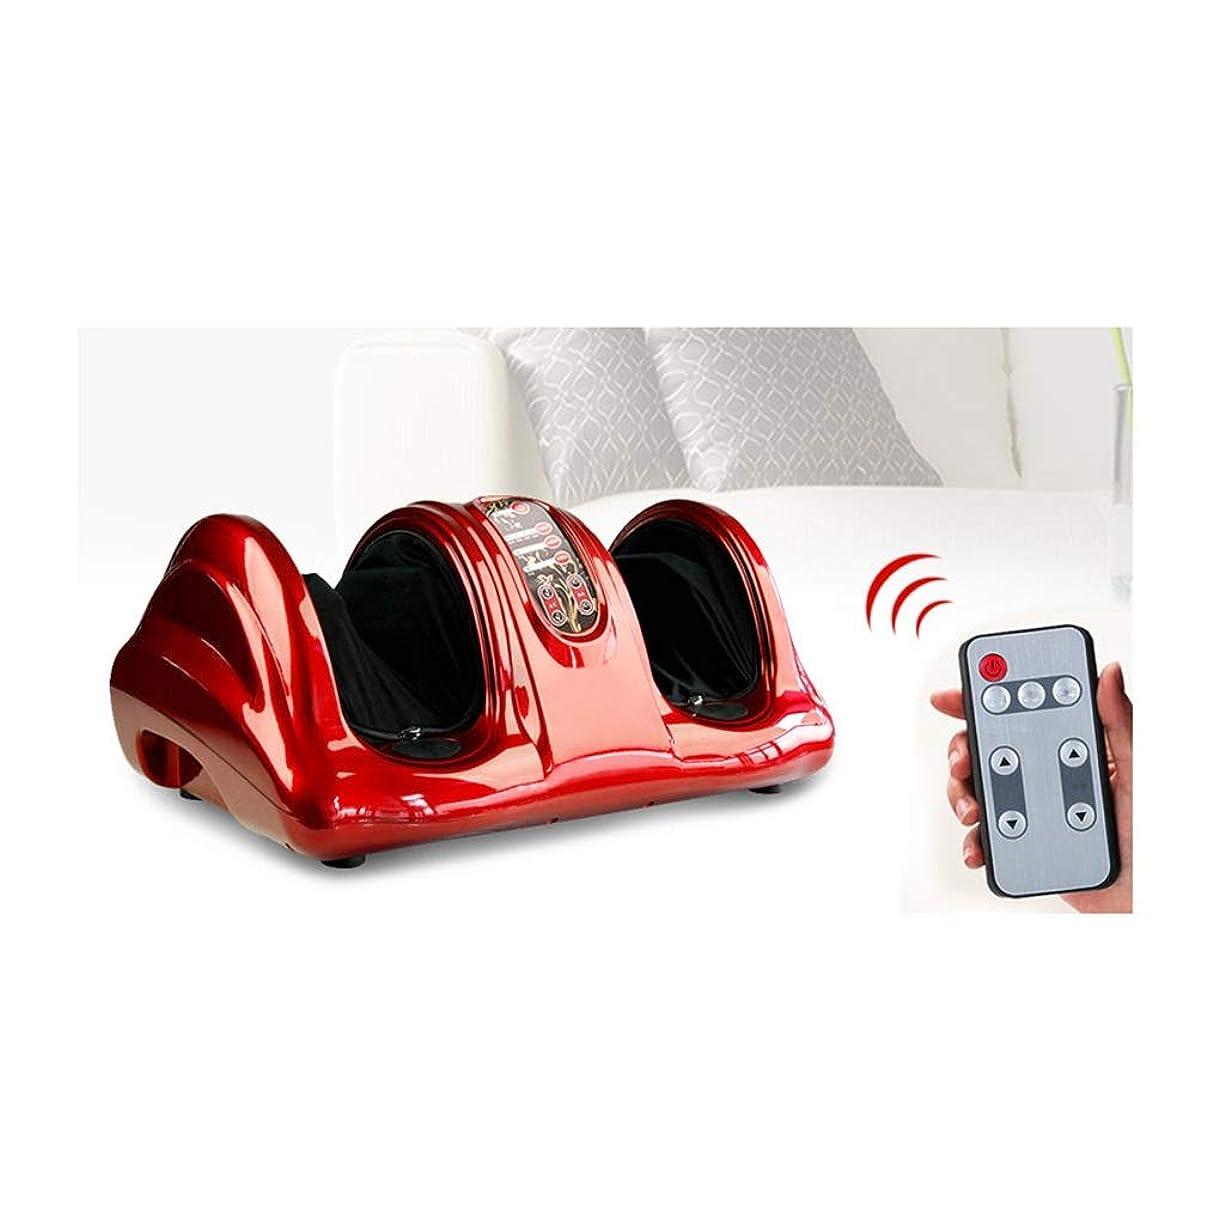 輪郭クローンスコットランド人自動足マッサージ機を混練高齢者の足の足のアーティファクト鍼治療のポイントを押すための電気足マッサージ (Color : Red)